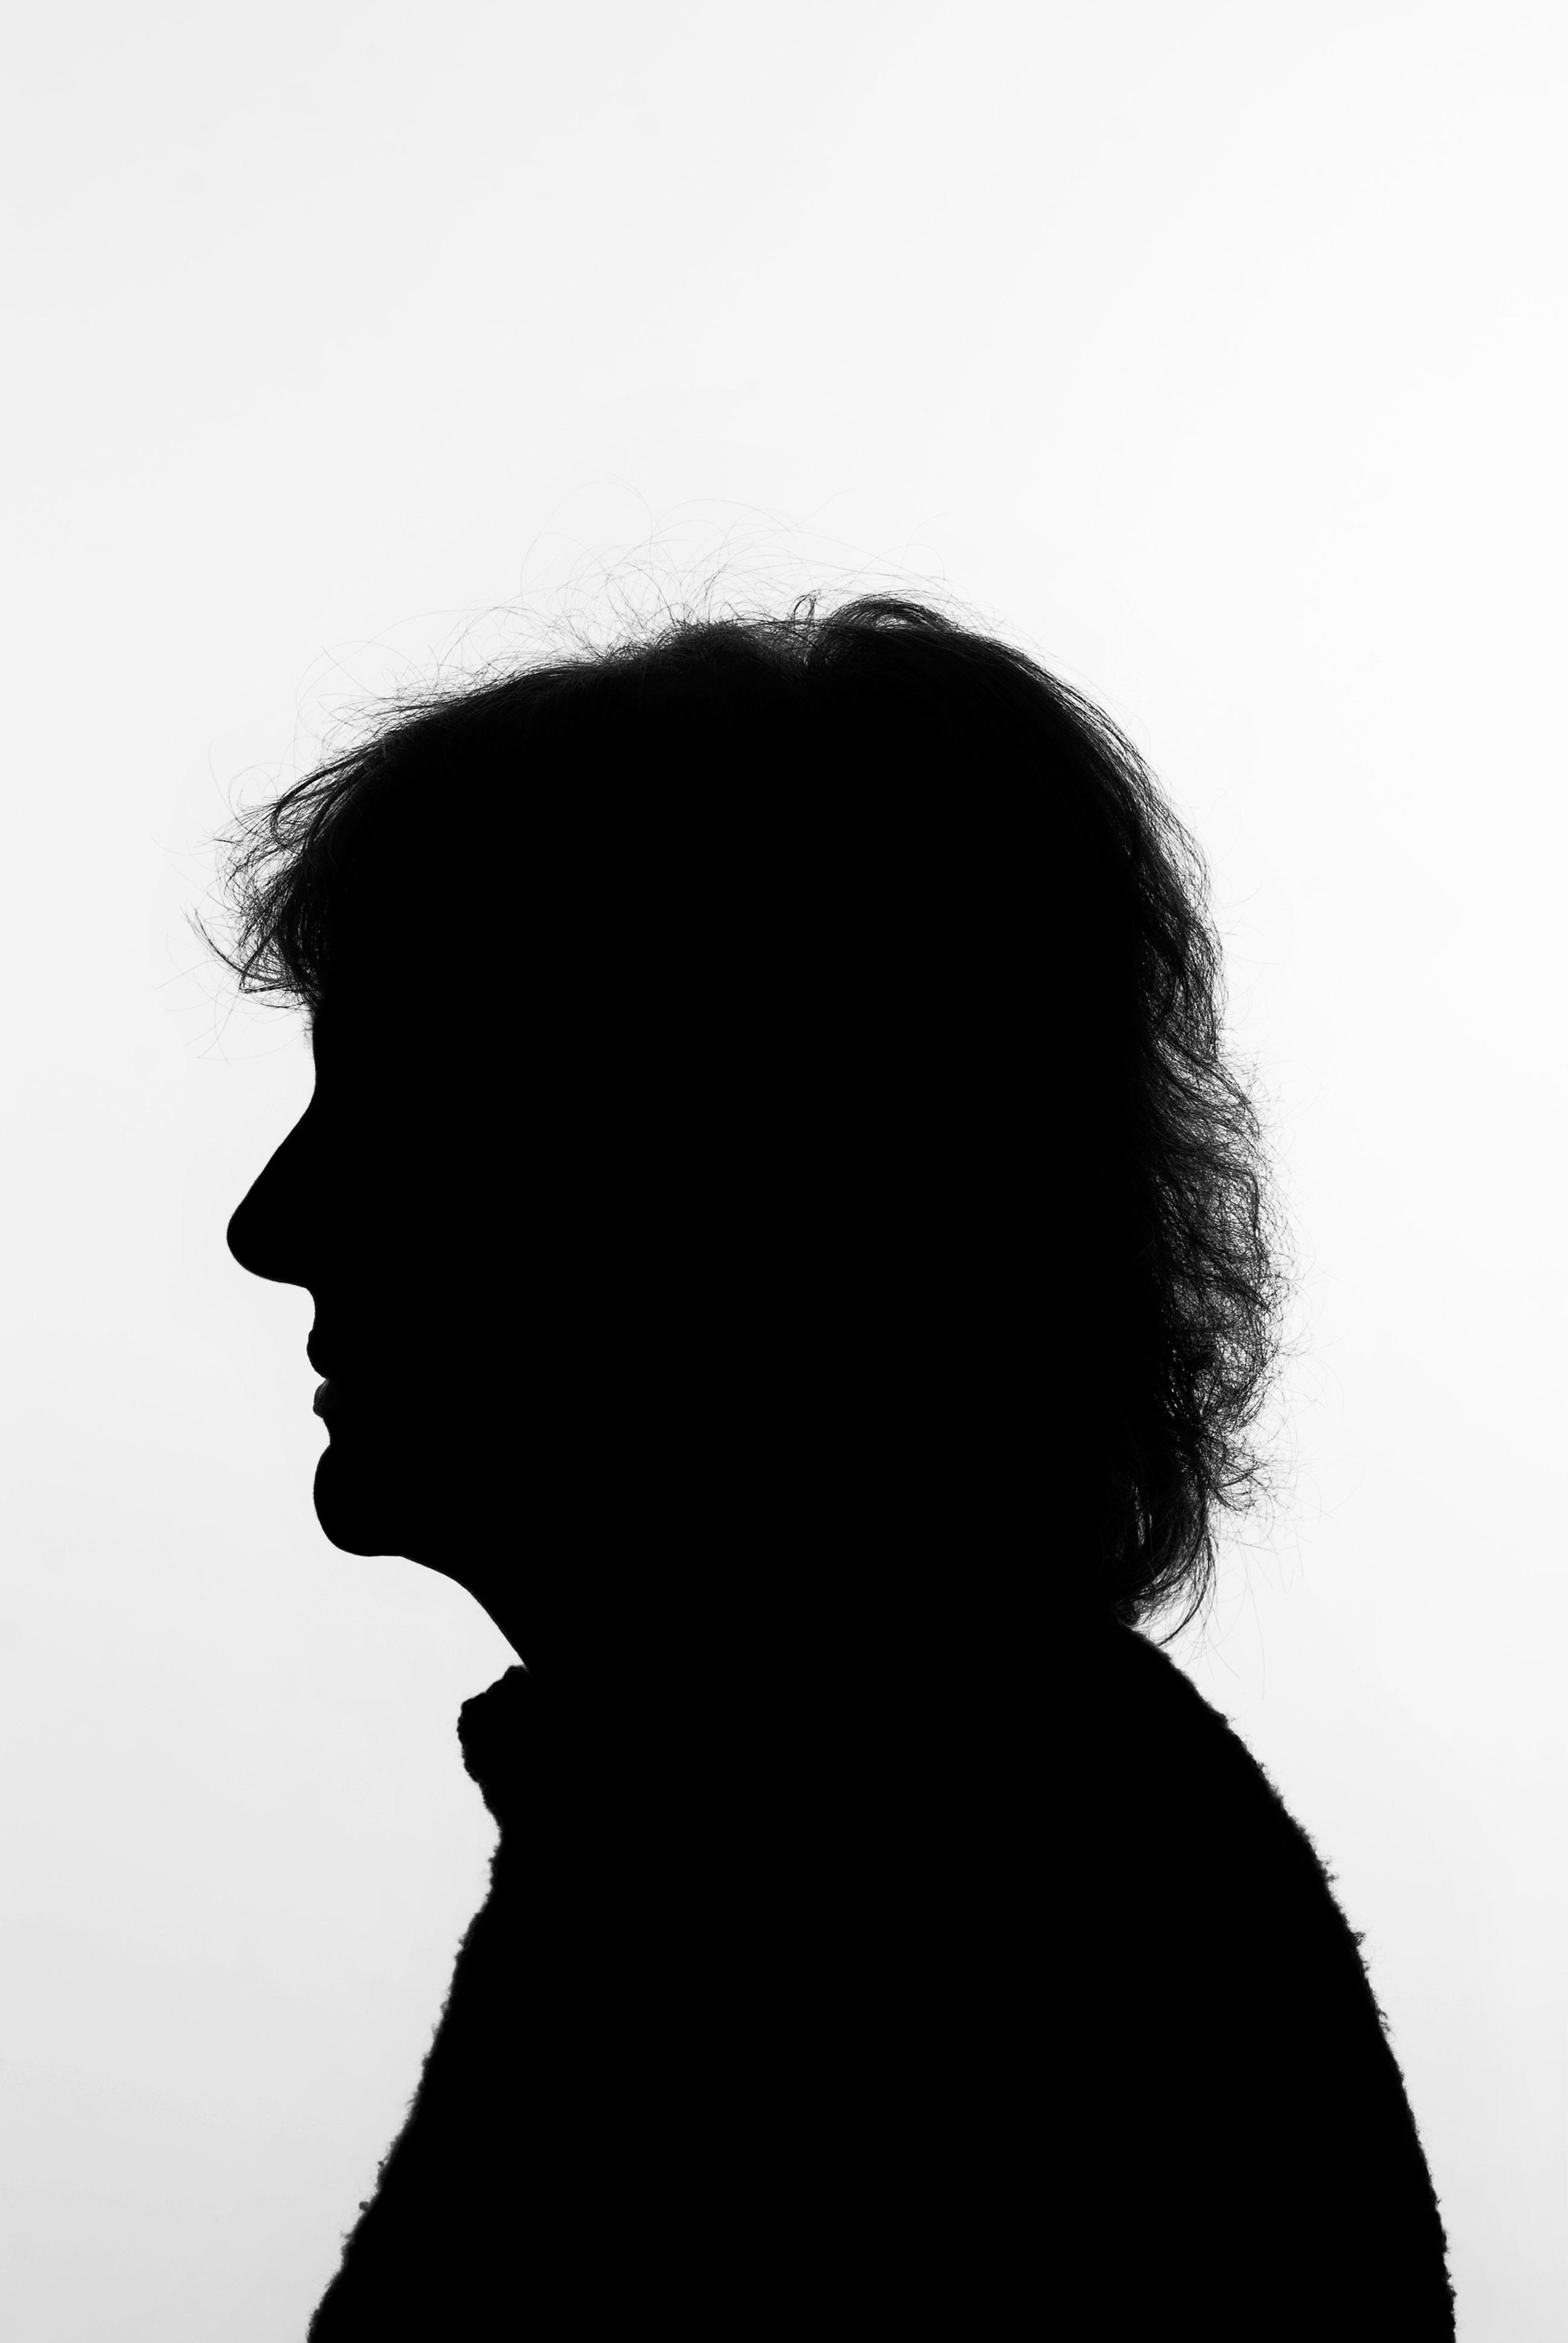 Silueta#1, 2010. Fotografía, impresión giclée. 55 x 36 cm.